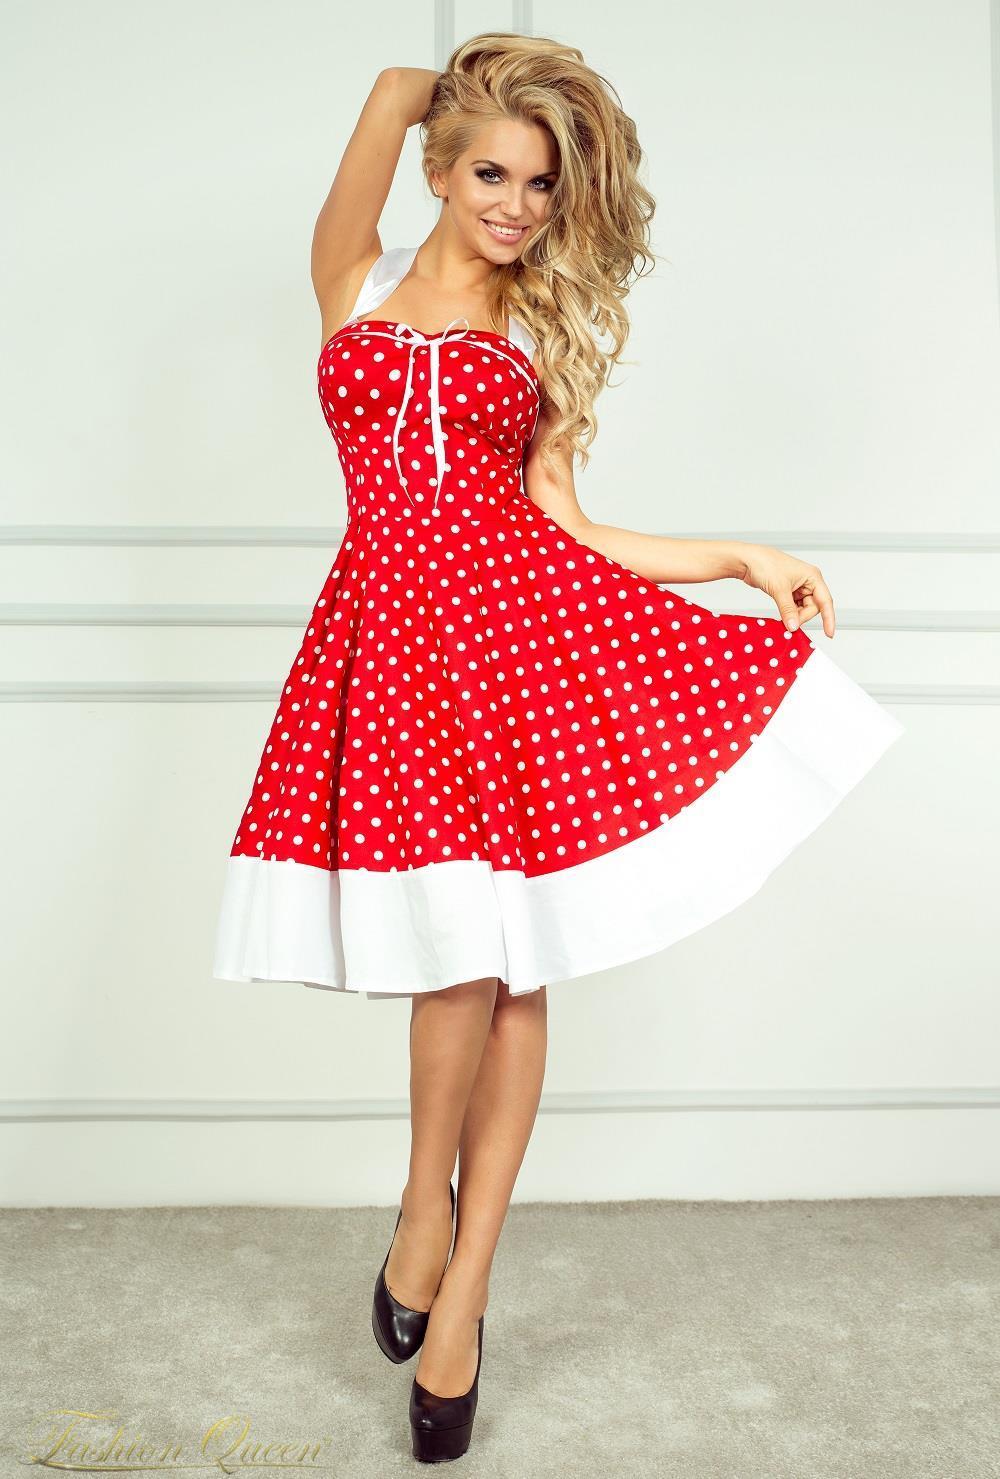 a8fef2f305251 Fashion Queen - Dámske oblečenie a móda - Bodkované šaty